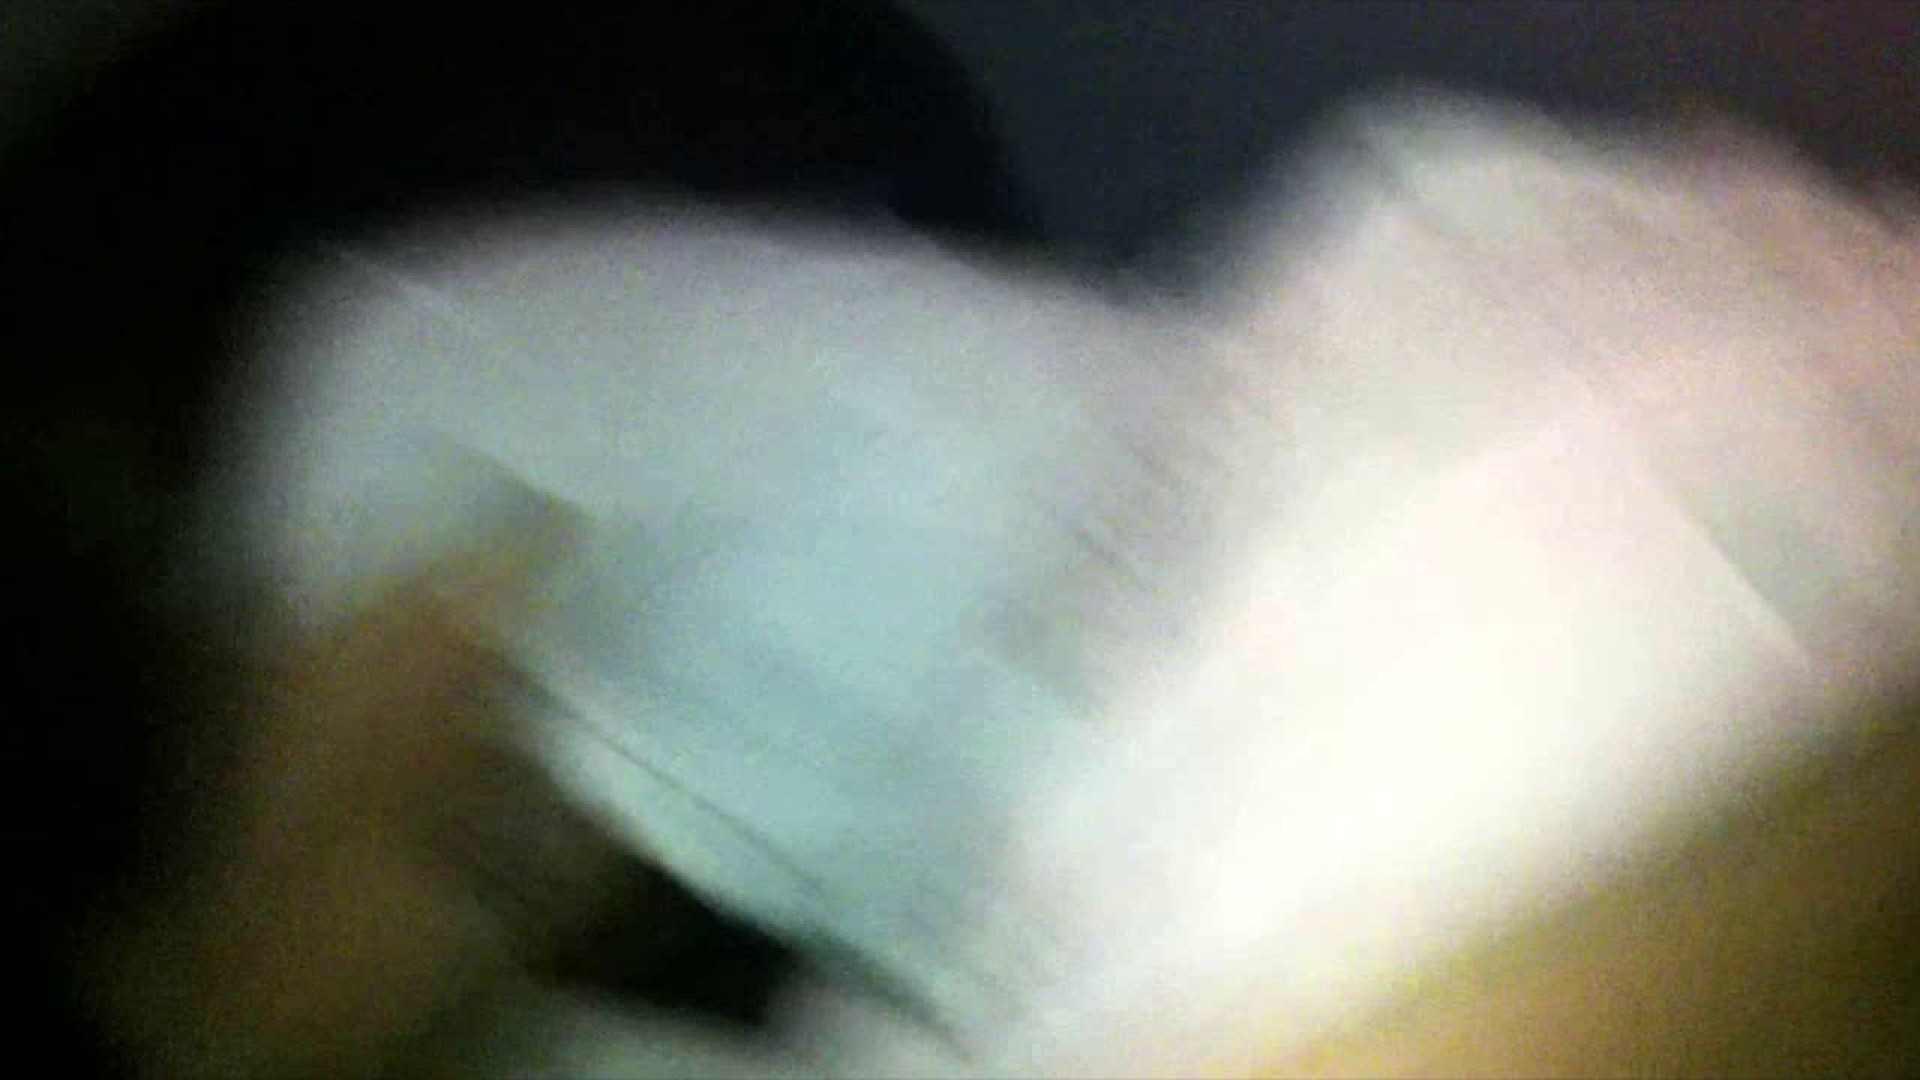 魔術師の お・も・て・な・し vol.17 23歳のヌッチョリな具 ワルノリ AV無料動画キャプチャ 71画像 62